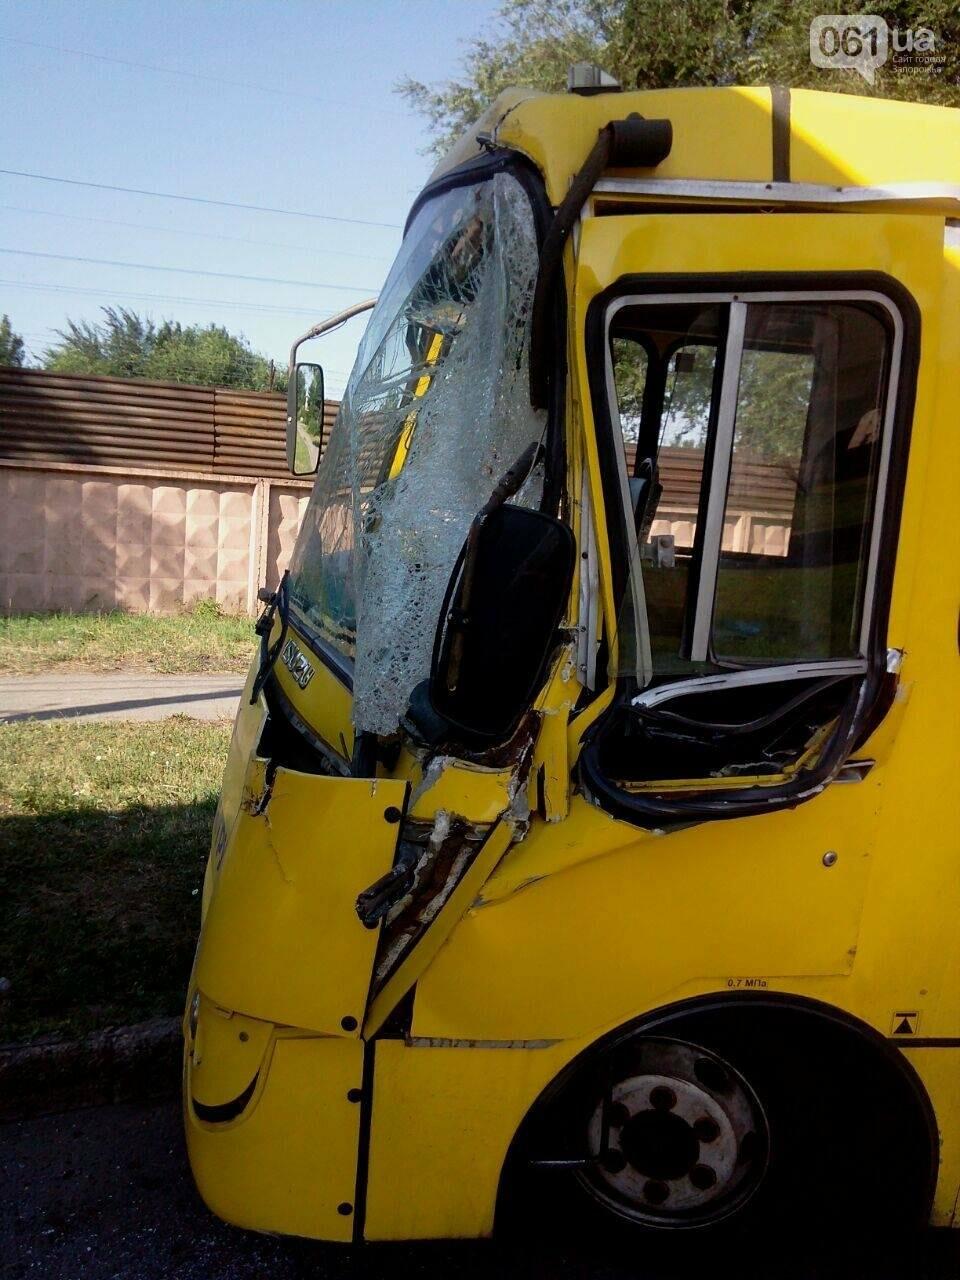 """В Запорожье столкнулись автобус """"Богдан"""" и фура, двое пострадавших, - ФОТО , фото-1"""